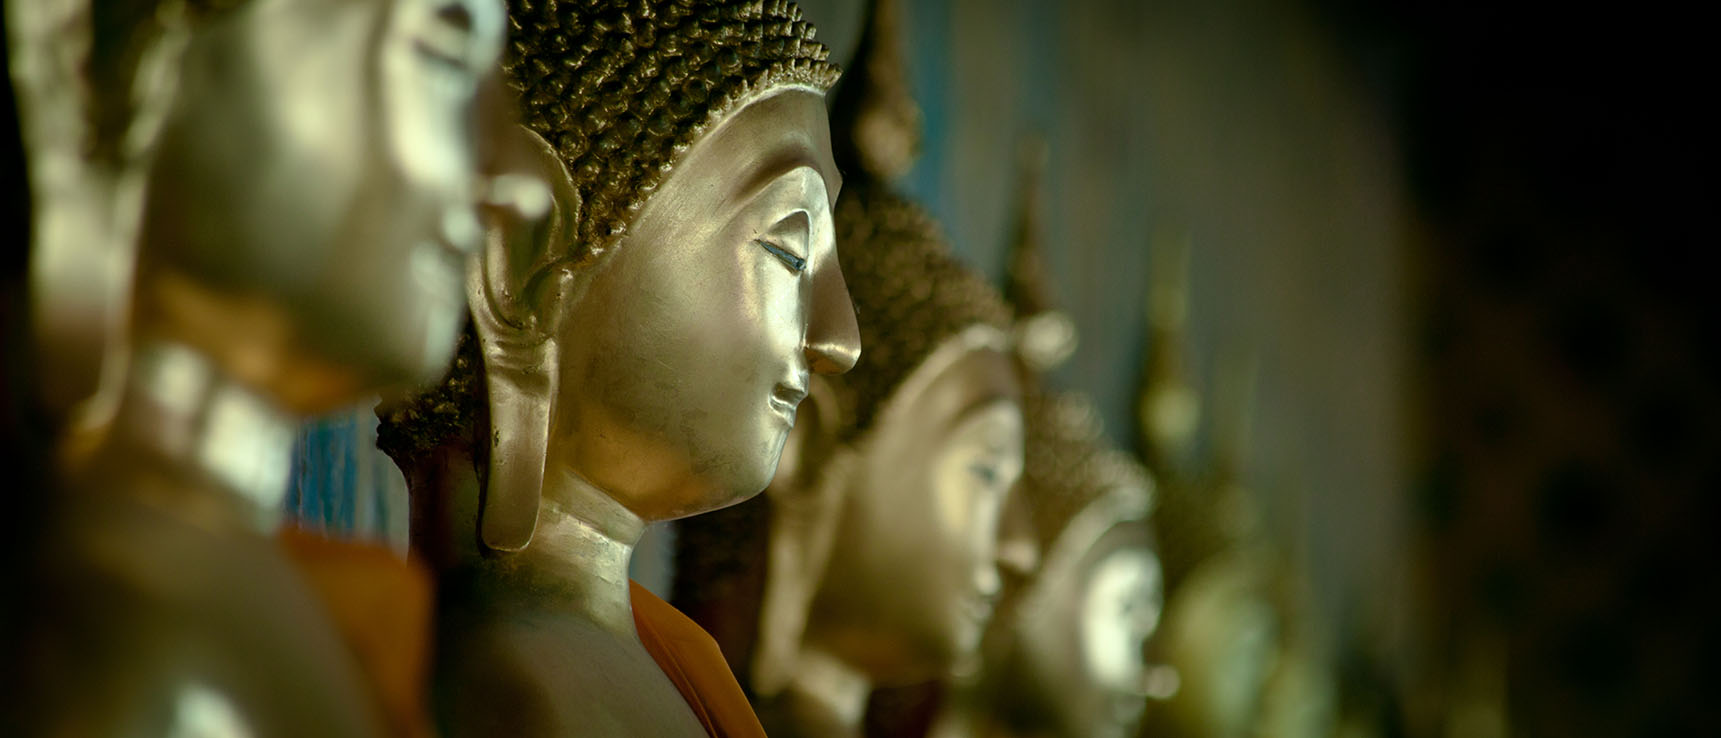 Temple bouddha bangkok thailande